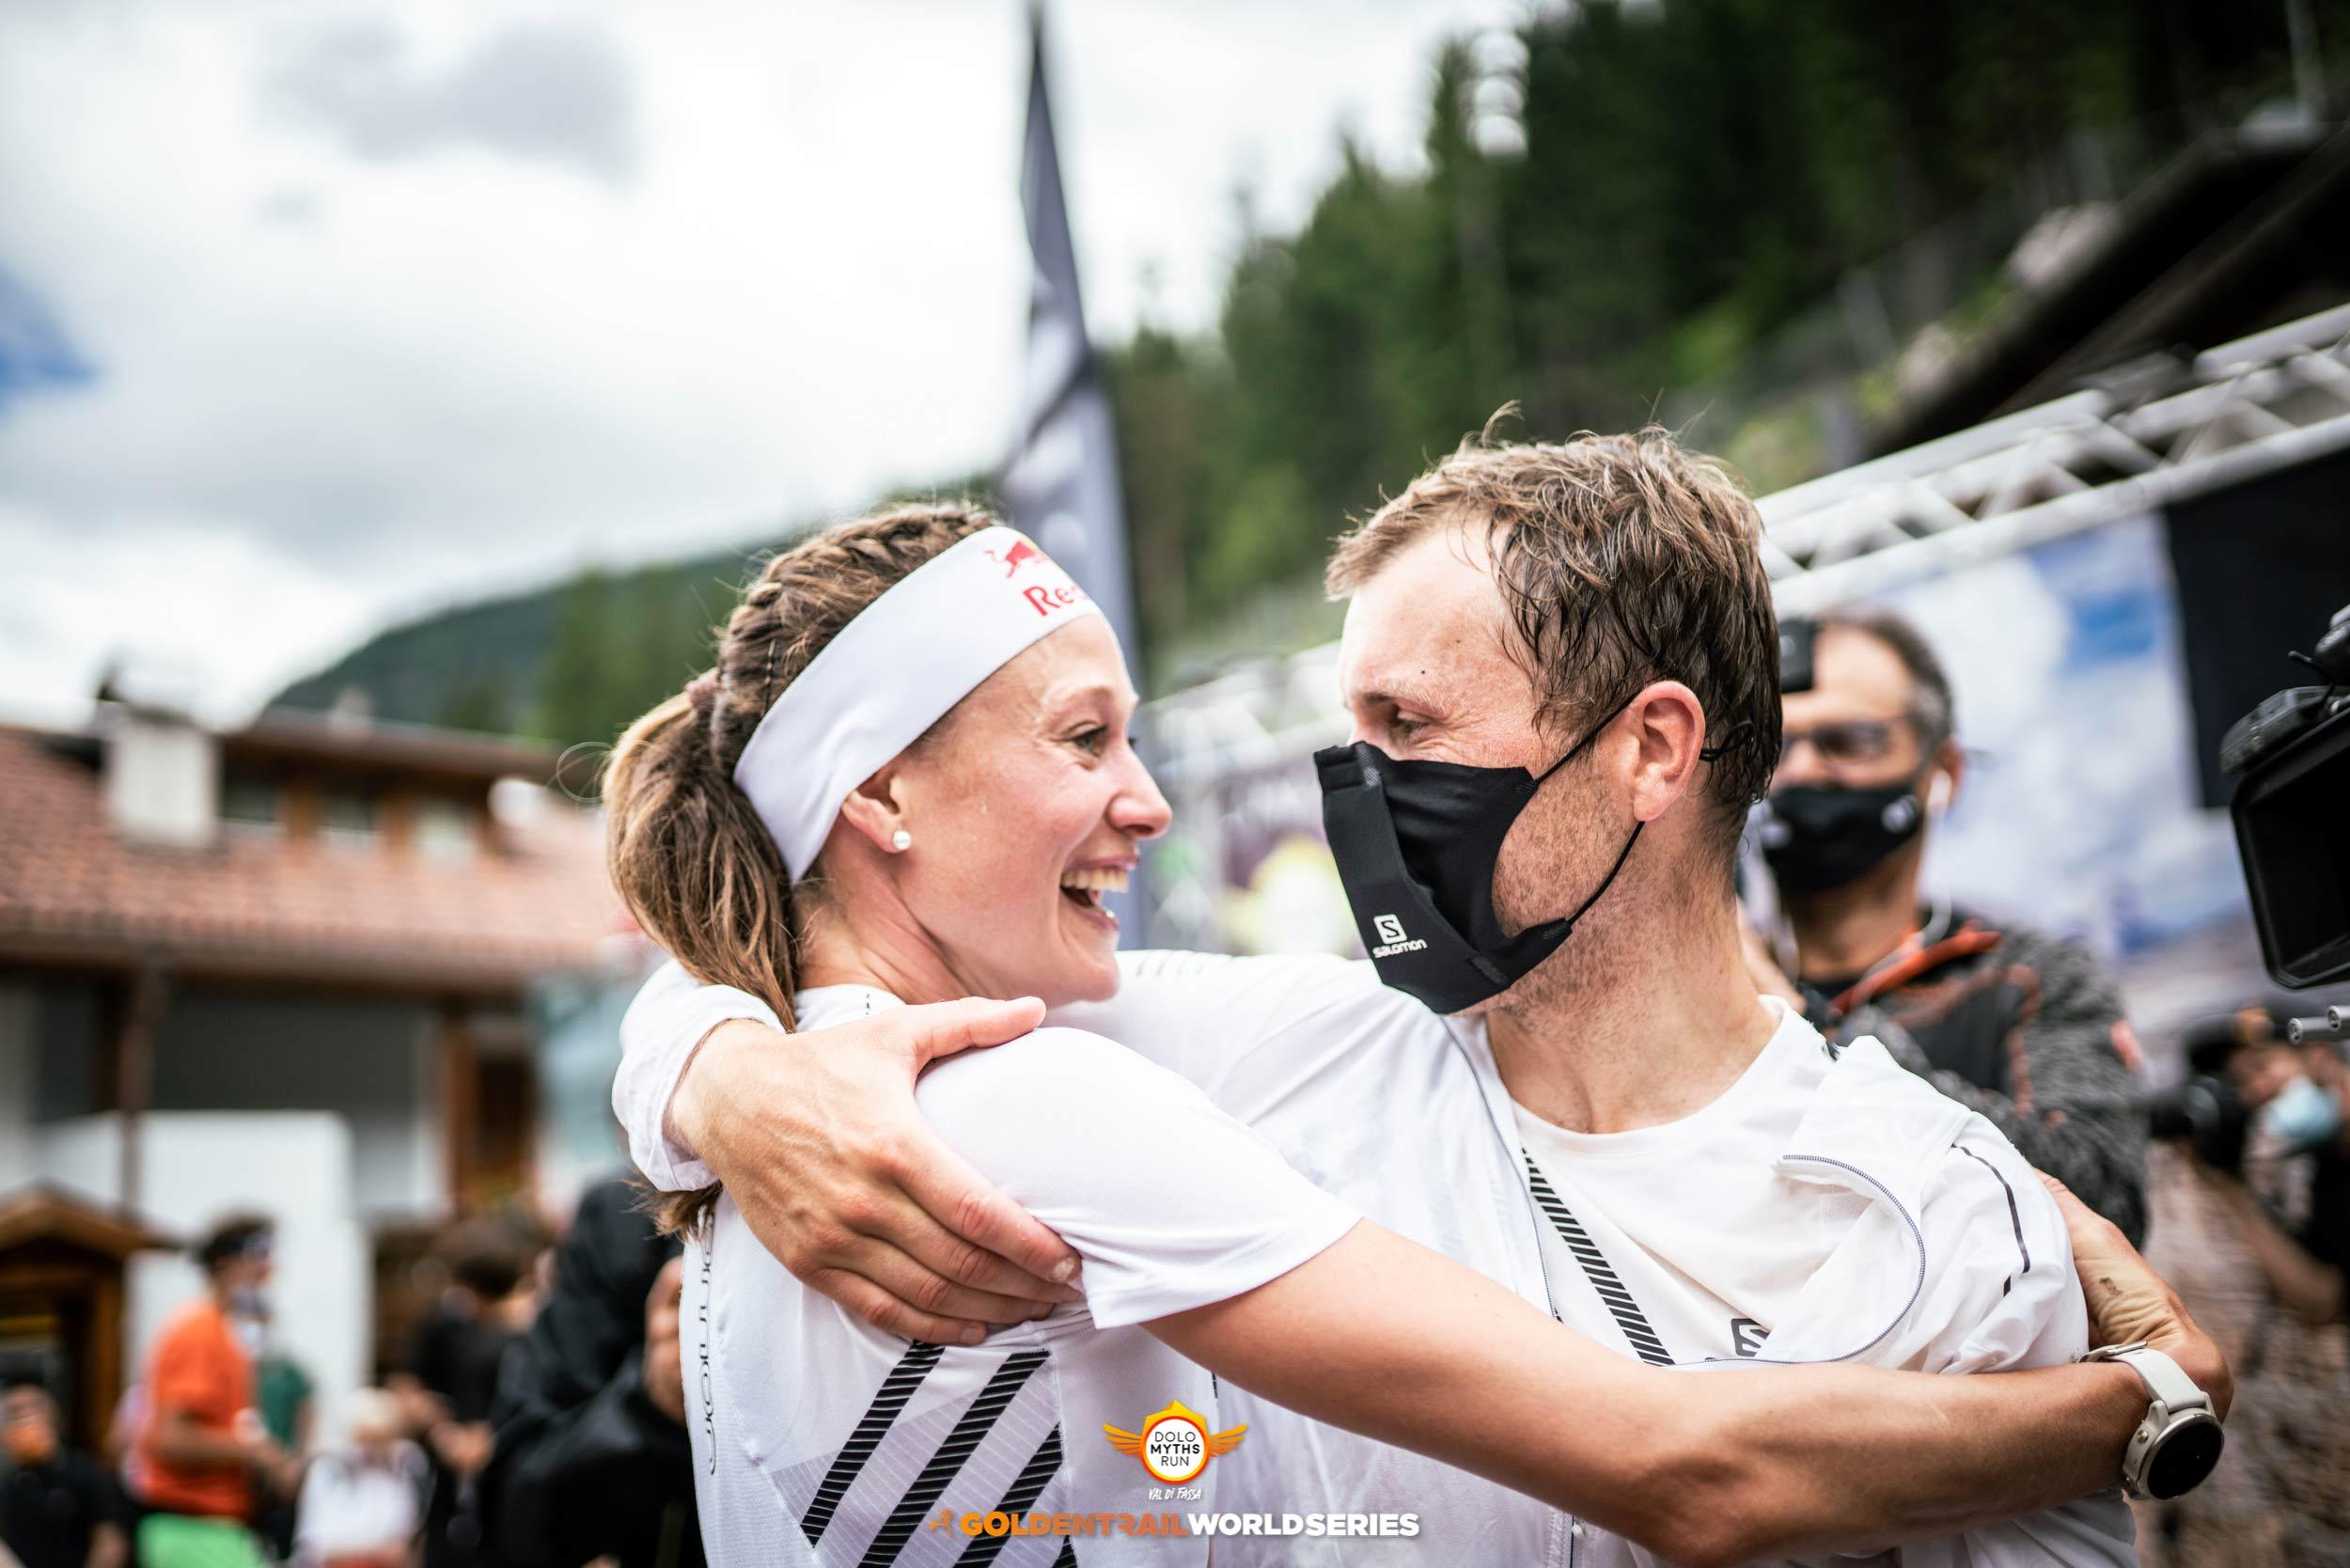 Stian Angermund et Judith Wyder remportent la 3e étape du GTWS